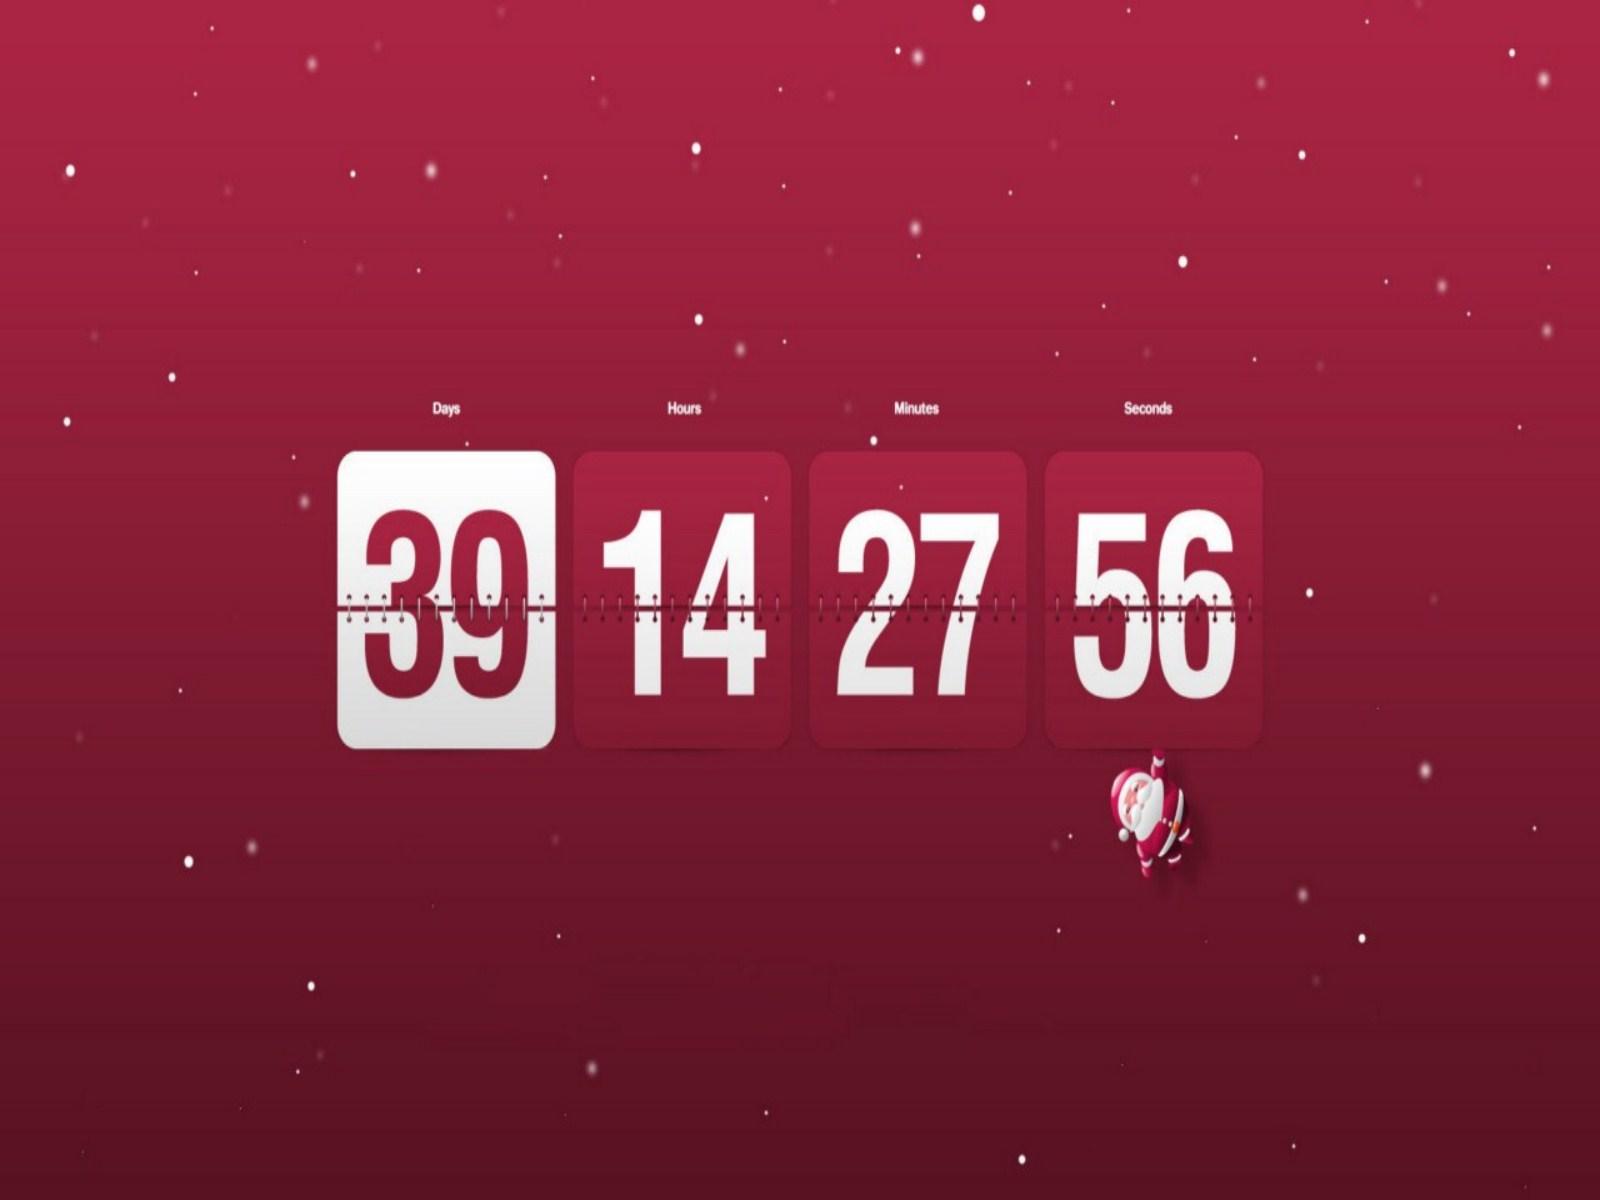 Calendar Clock Wallpaper : Desktop wallpaper countdown timer wallpapersafari